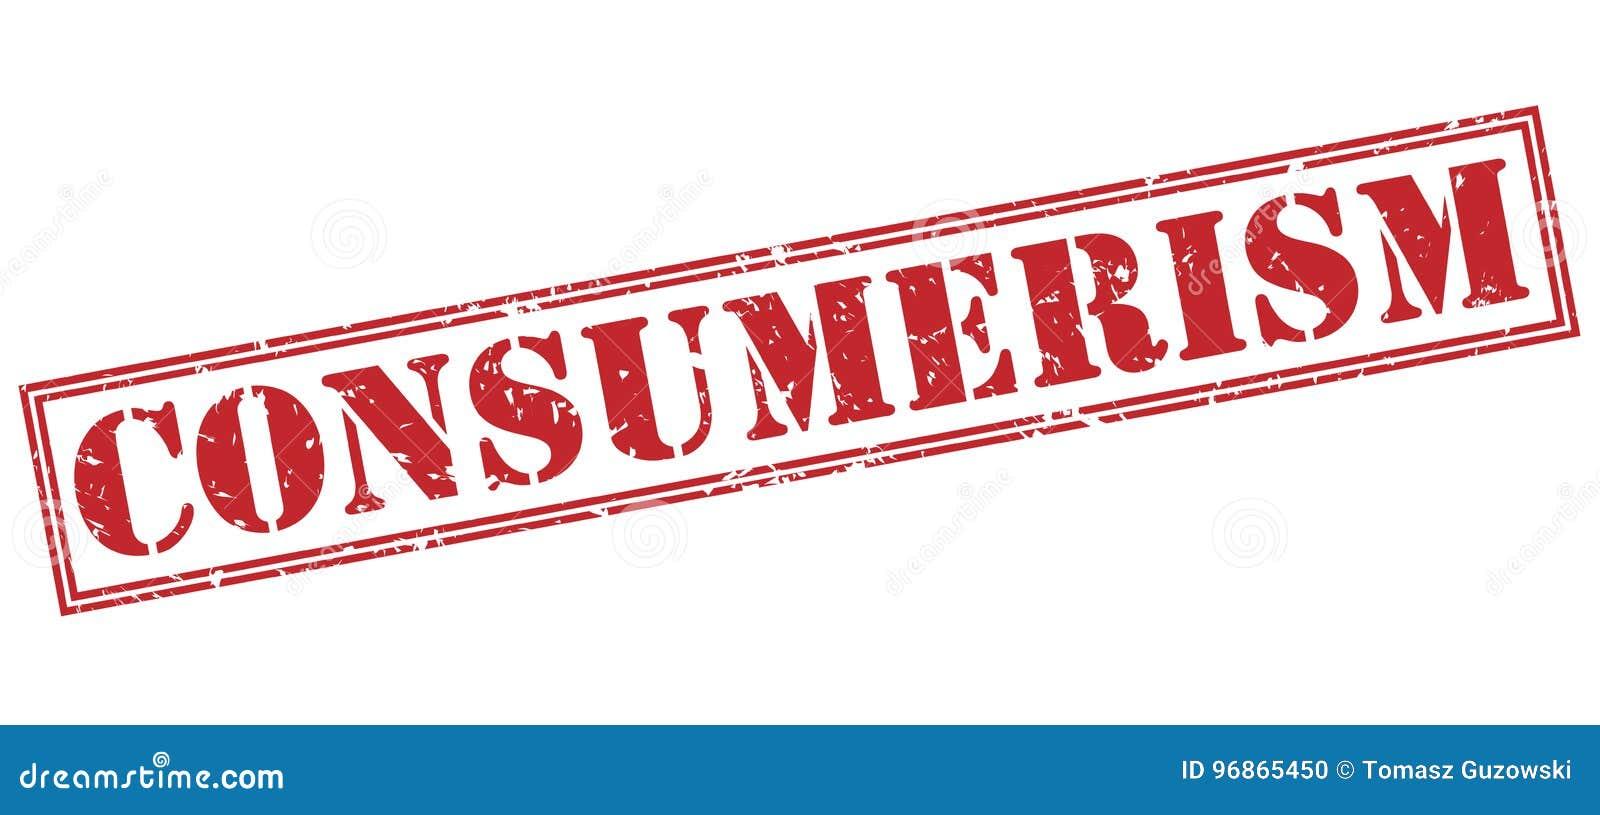 Consumerism red stamp